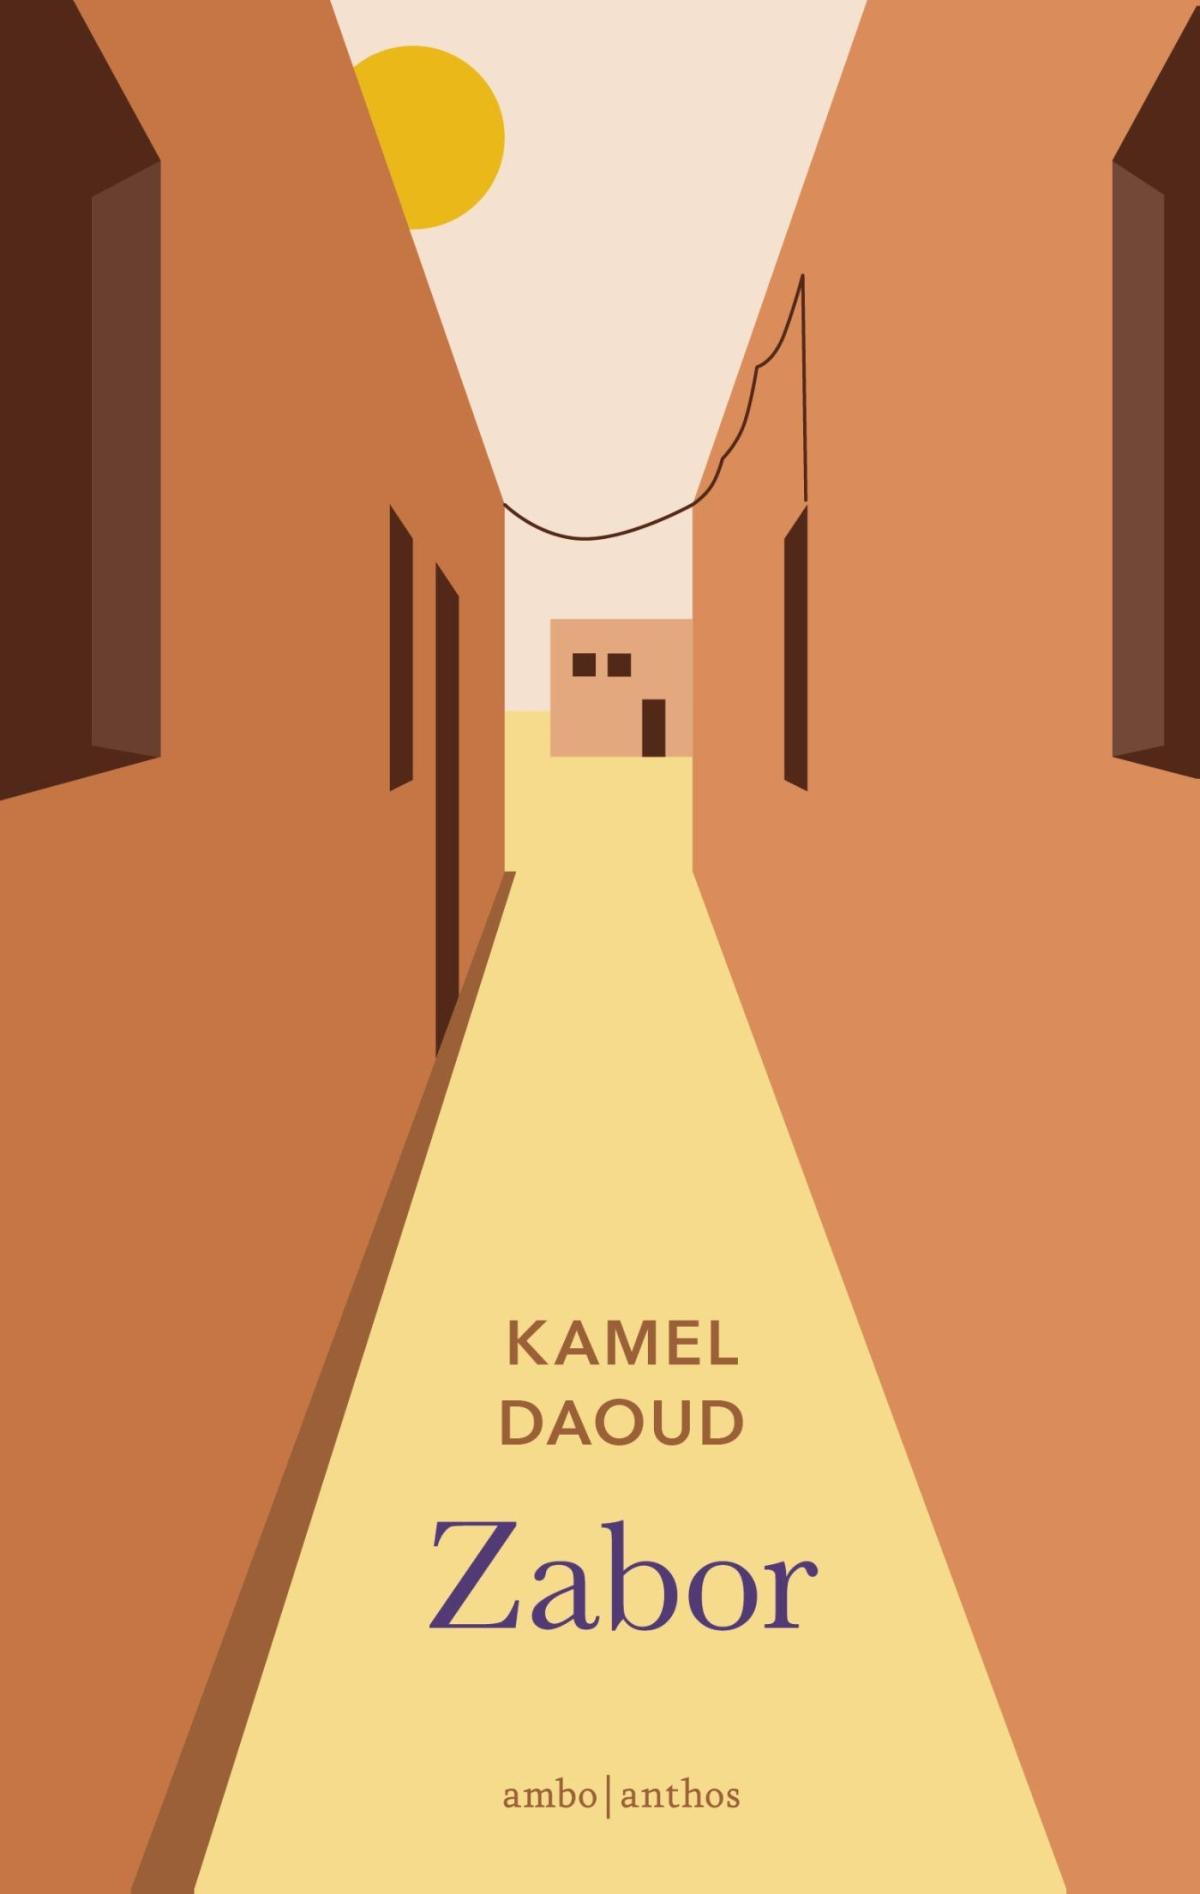 Zabor - Kamel Daoud